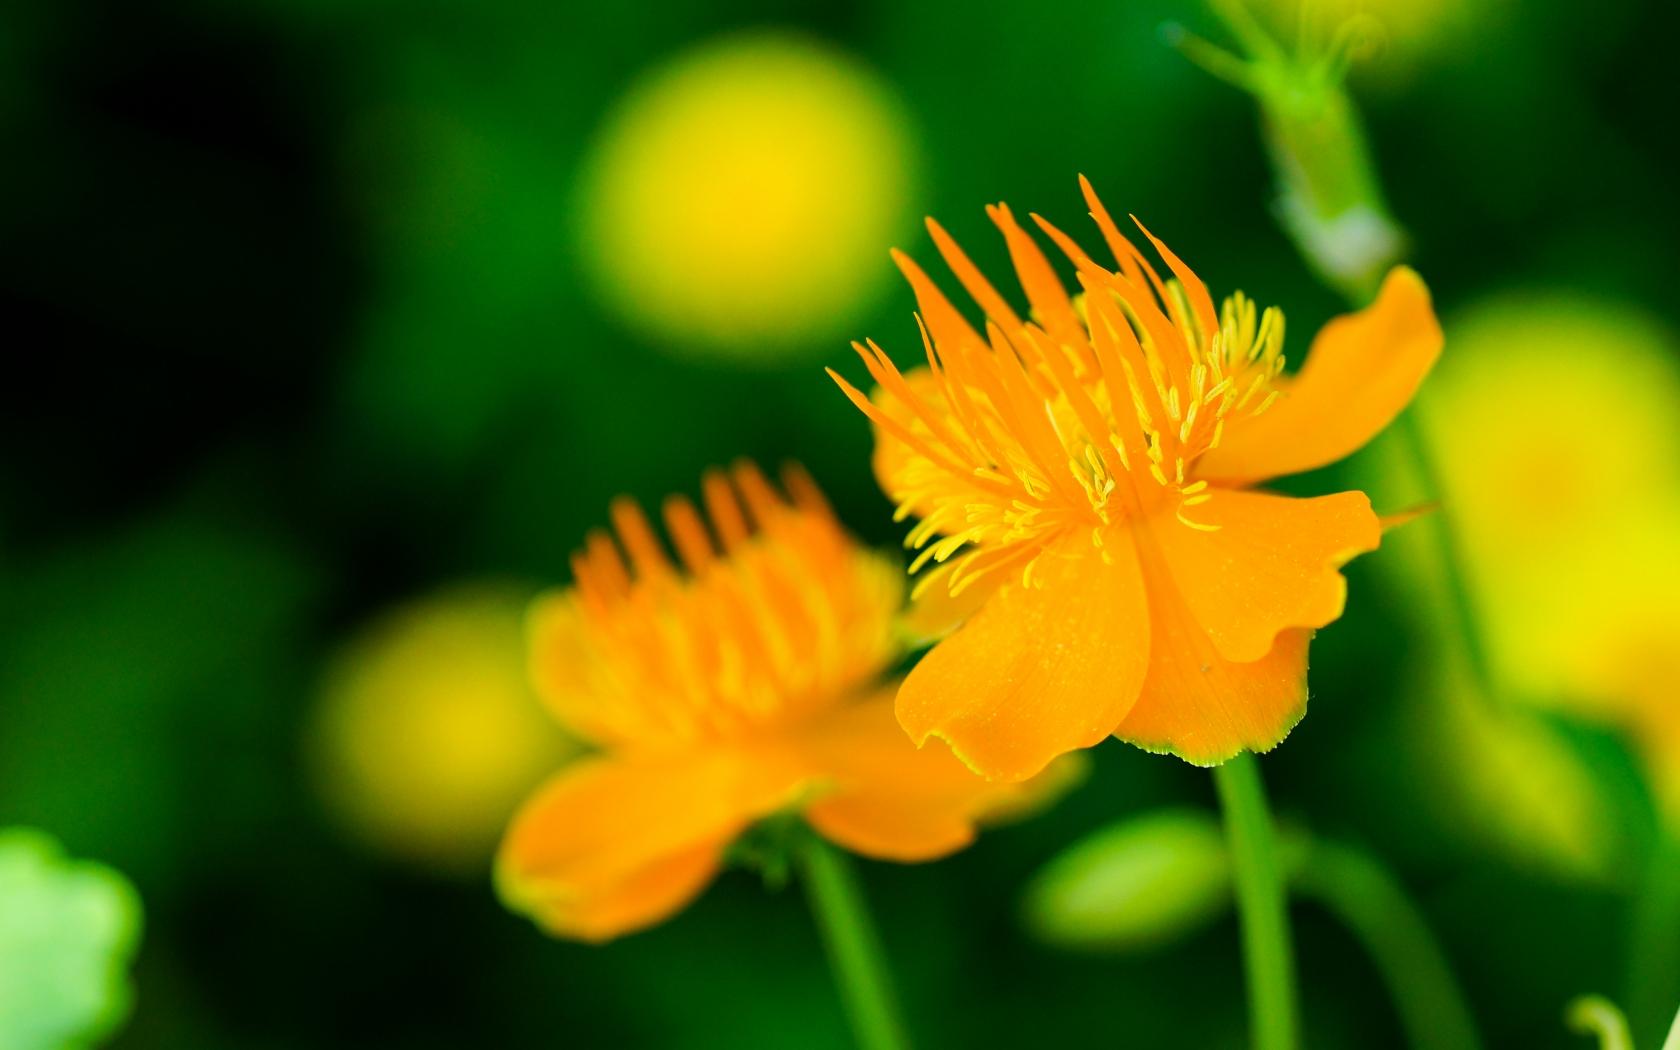 Flores naranjas - 1680x1050